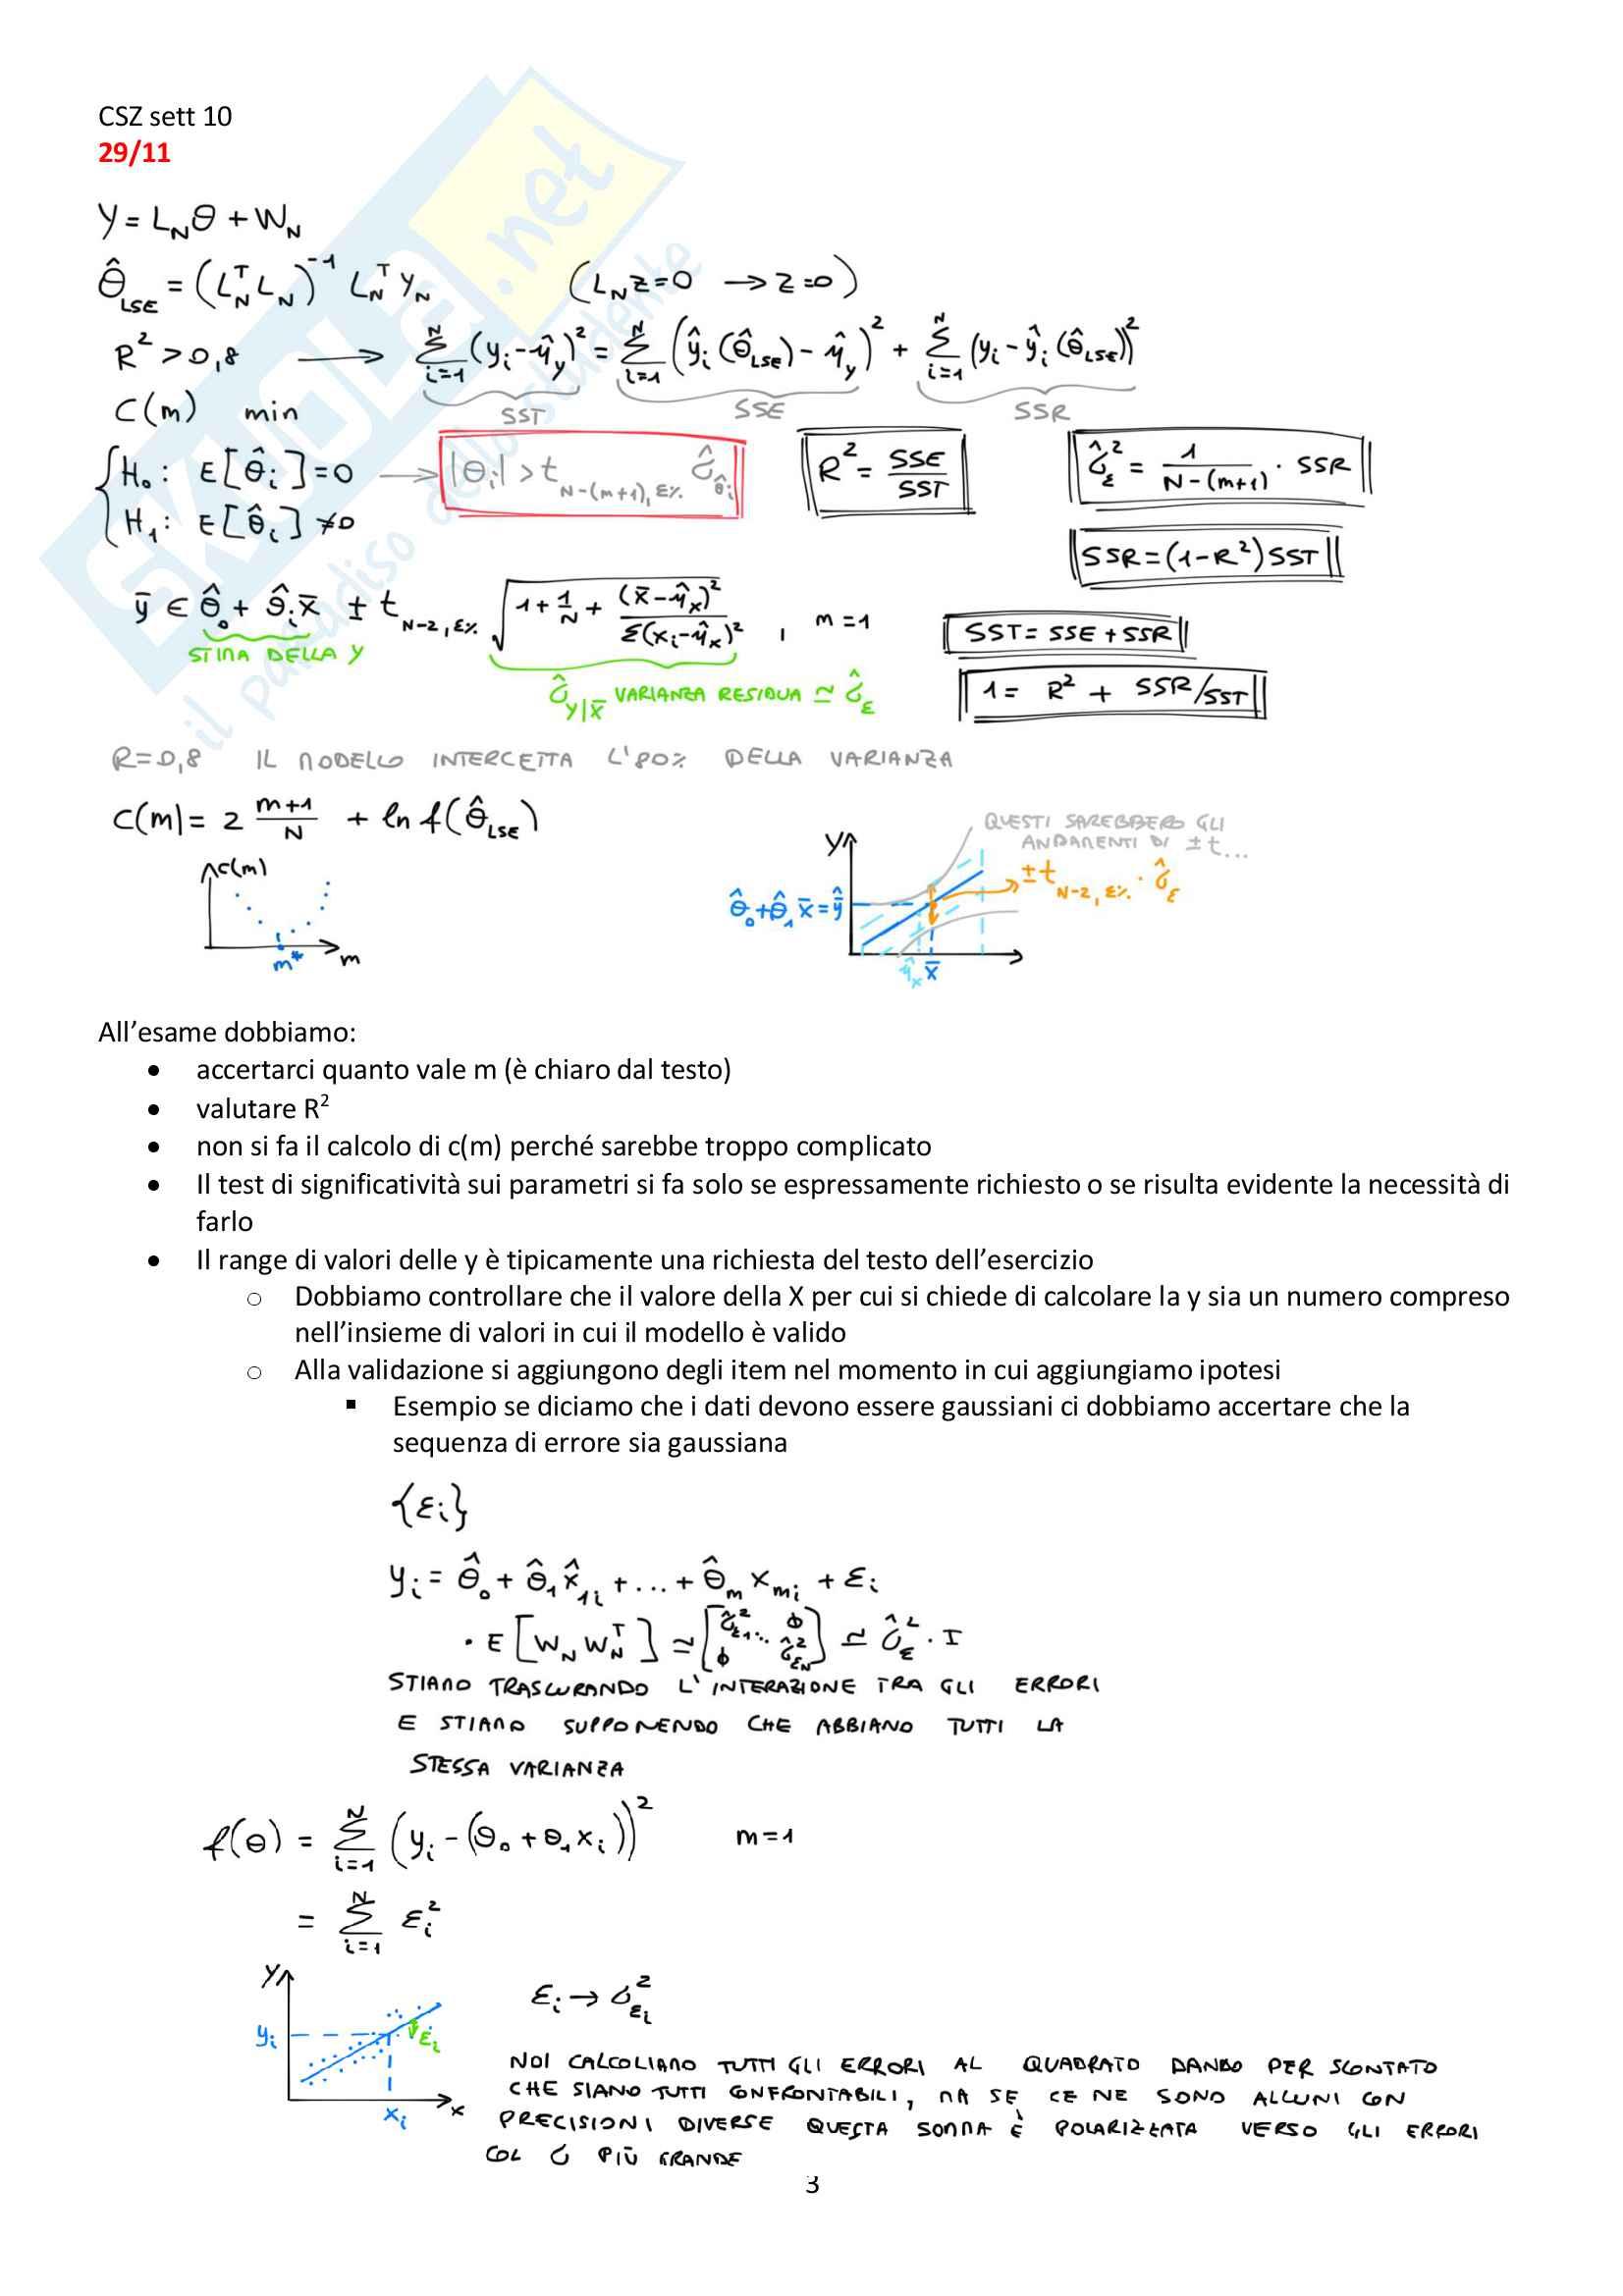 Appunti del corso Modellistica e identificazione, prof. De Santis Pag. 91